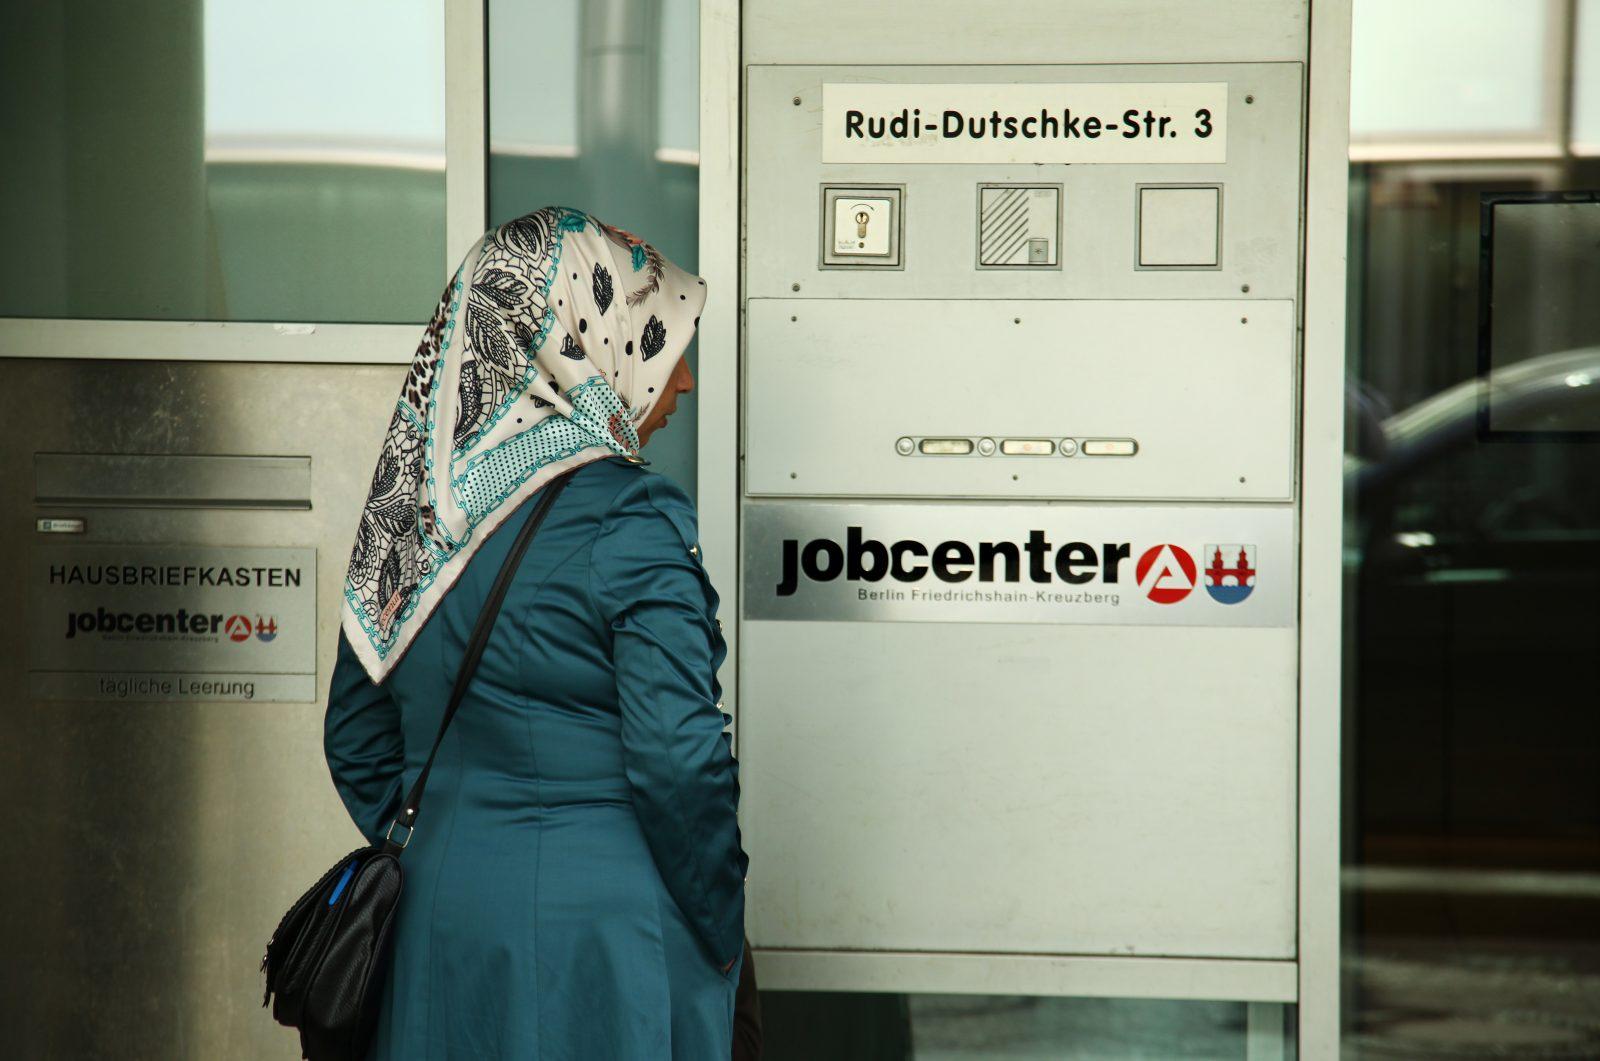 Die Erwartungen von Flüchtlingen, schnell Arbeit zu finden, erfüllen sich oft nicht (Symbolbild) Foto: picture alliance